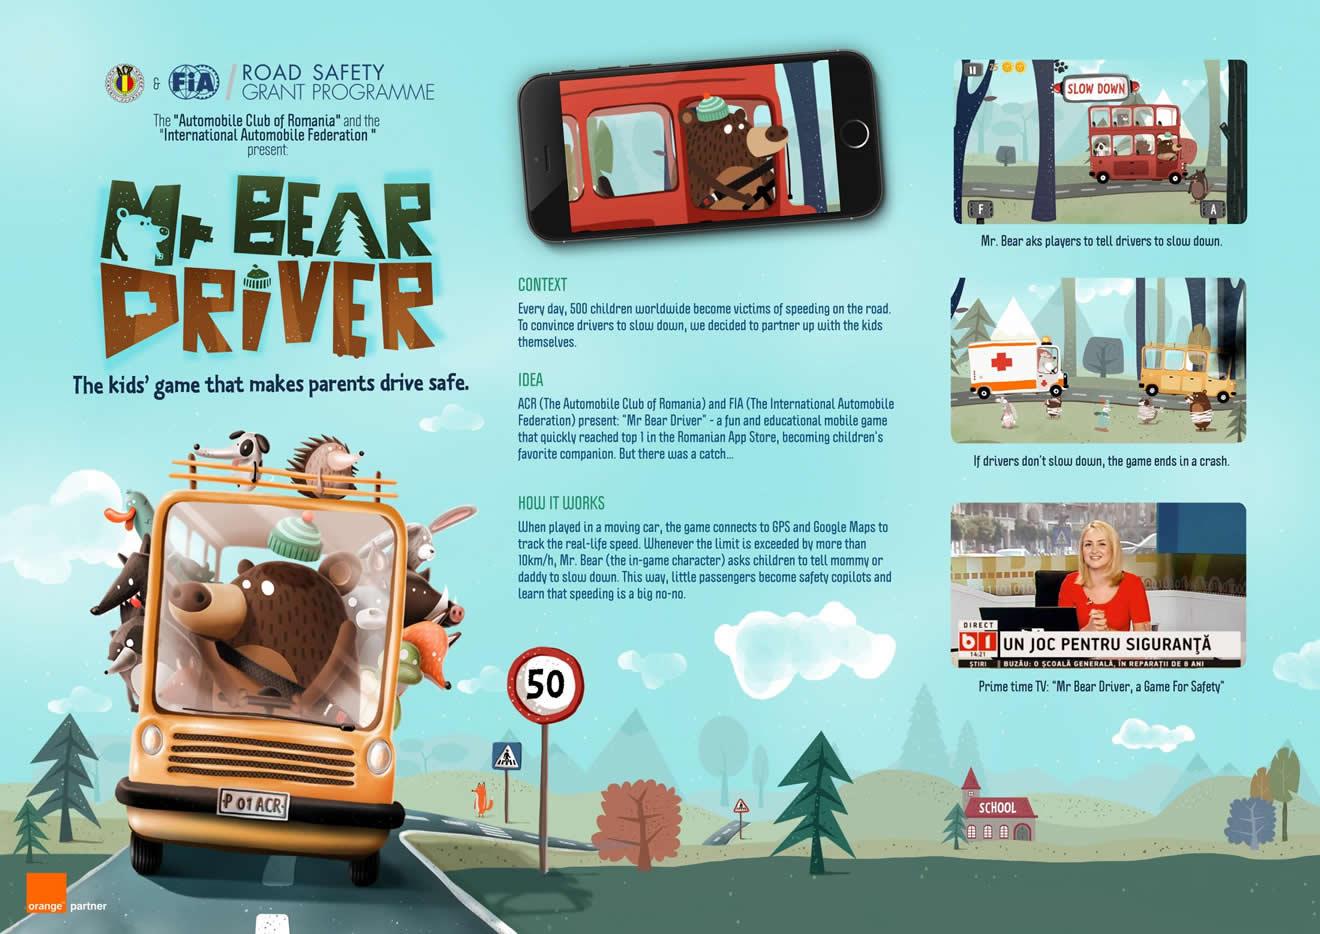 Un juego para niños que hace conducir a los padres de forma segura